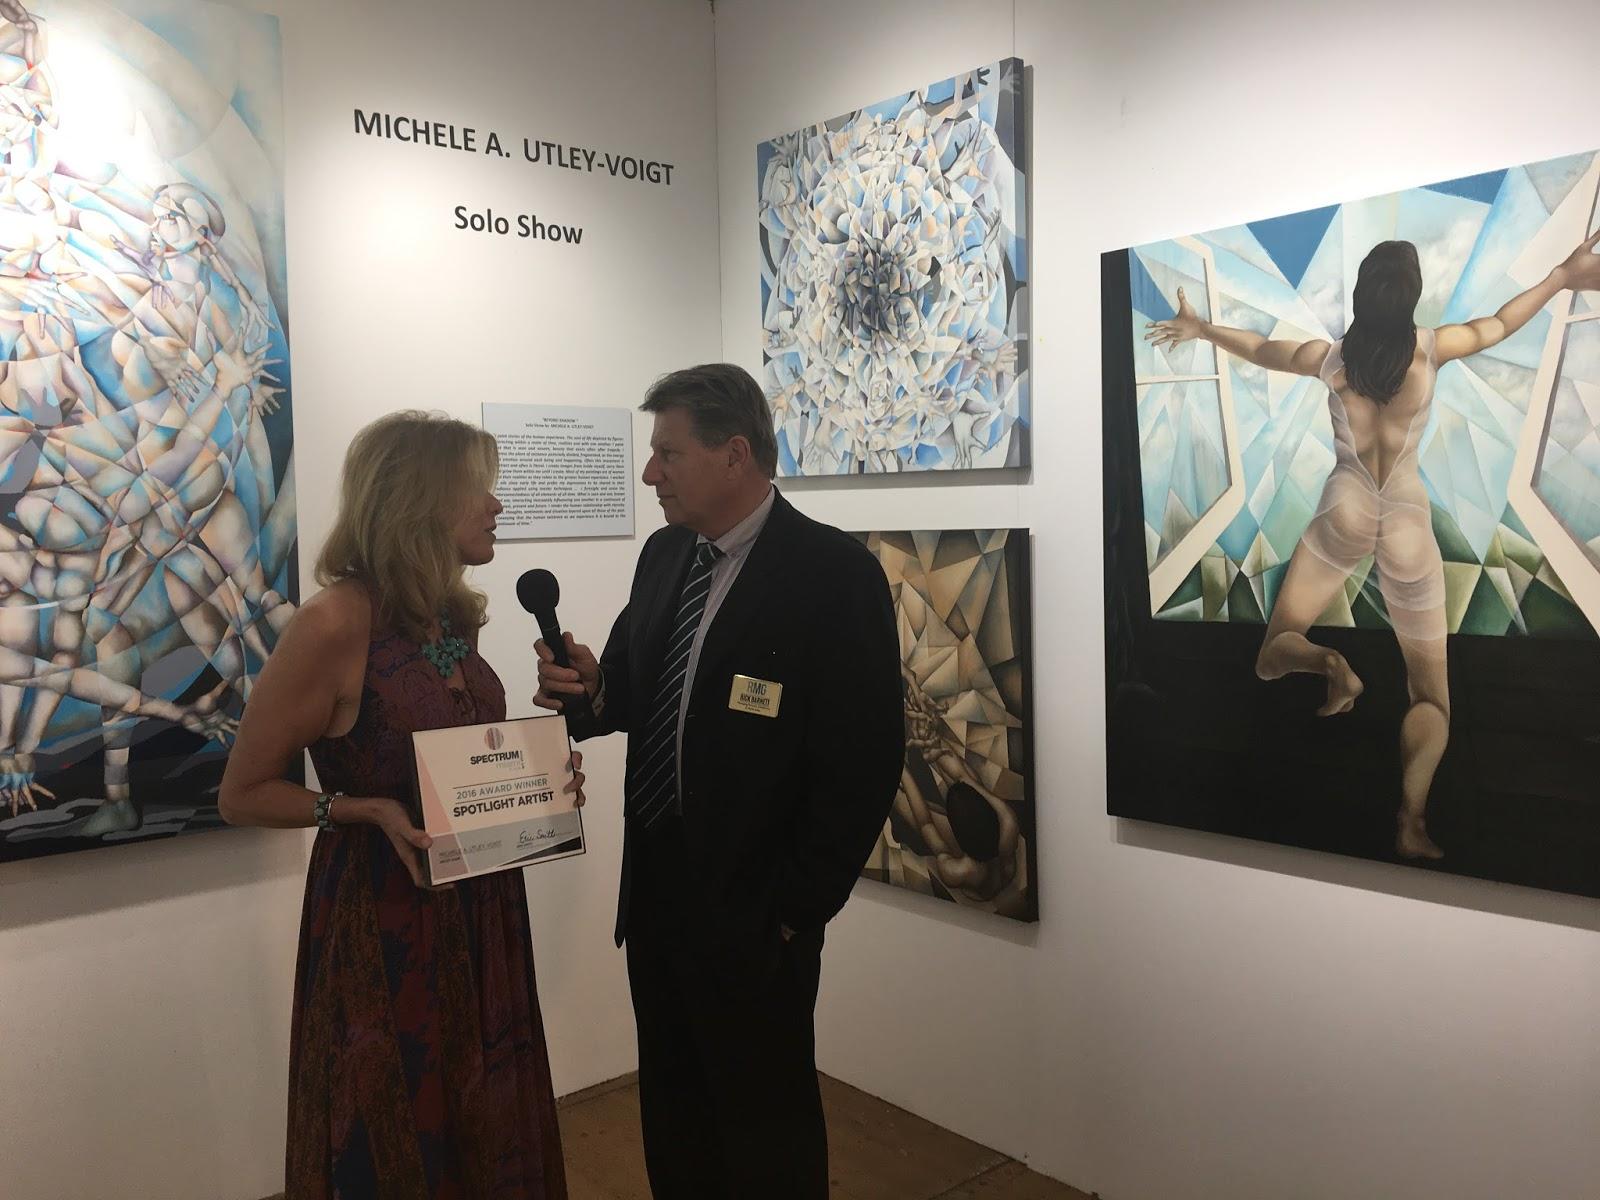 Michele receiving the Spotlight Artist Award at Spectrum Miami form Spectrum Managing Director Rick Barnett. December 2016